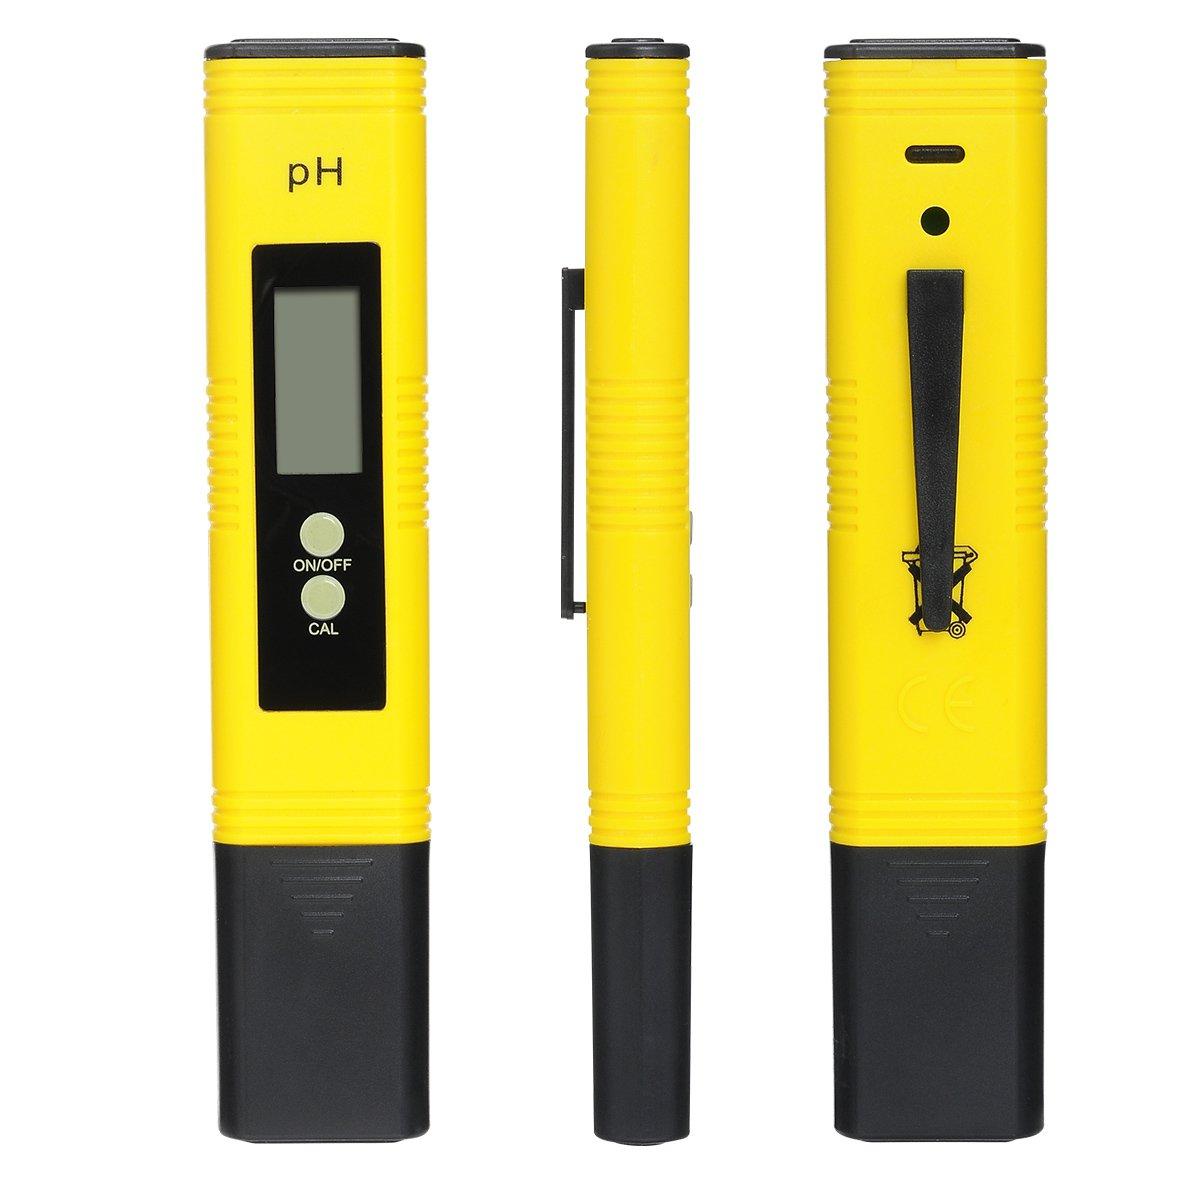 Macdodo PH-02- Tester digitale per controllare il pH dell'acqua in piscine, acquari, vasche idromassaggio, colture idroponiche, vino, pulsante di calibrazione, risoluzione 0.01, alta precisione +/-0,05, ampio display LCD Yellow